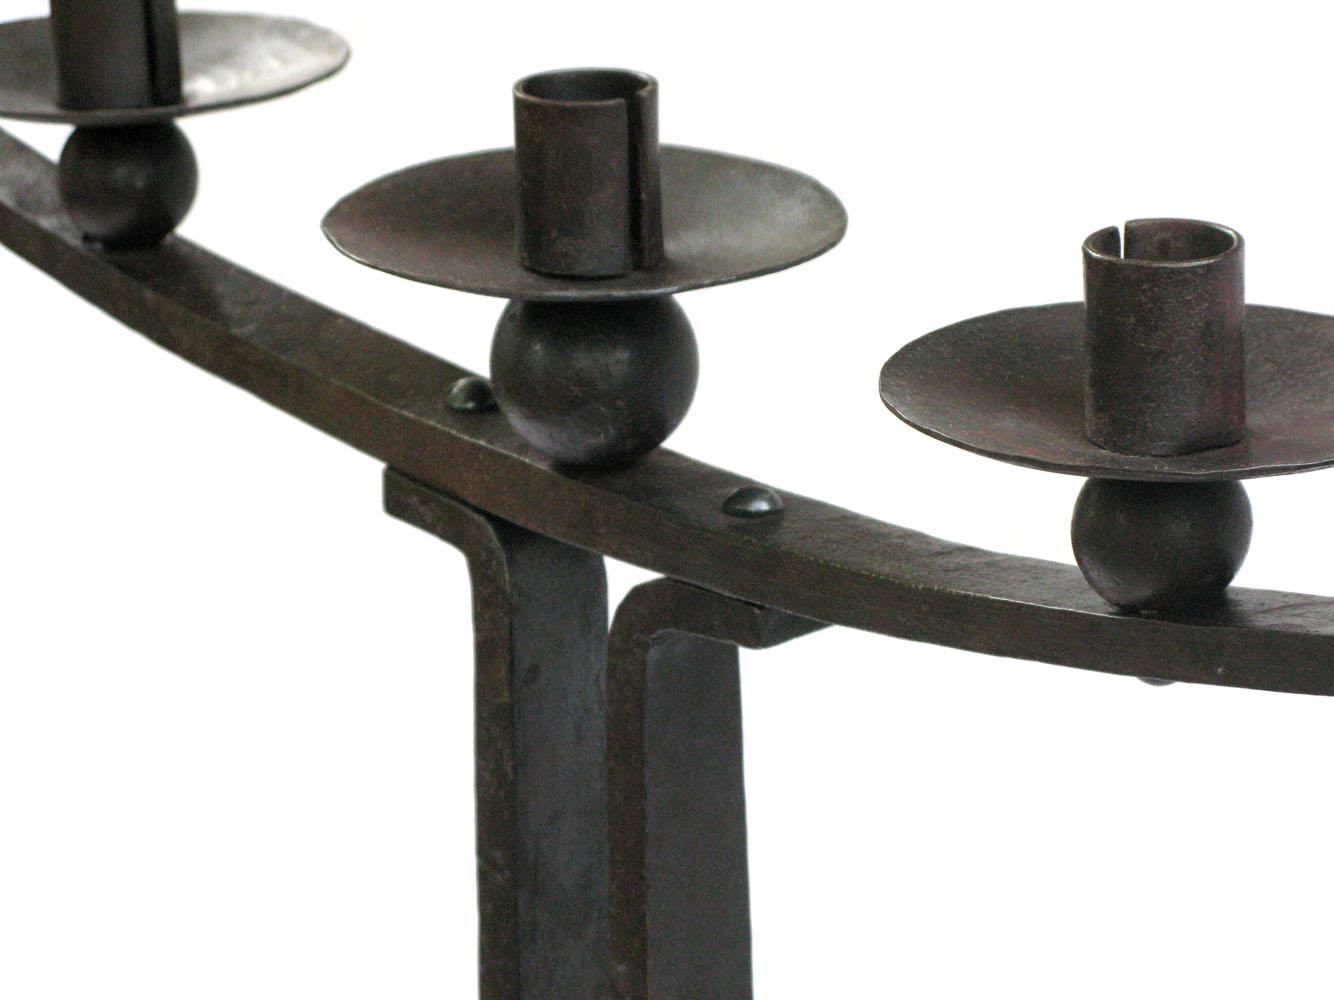 Candlestick - detail